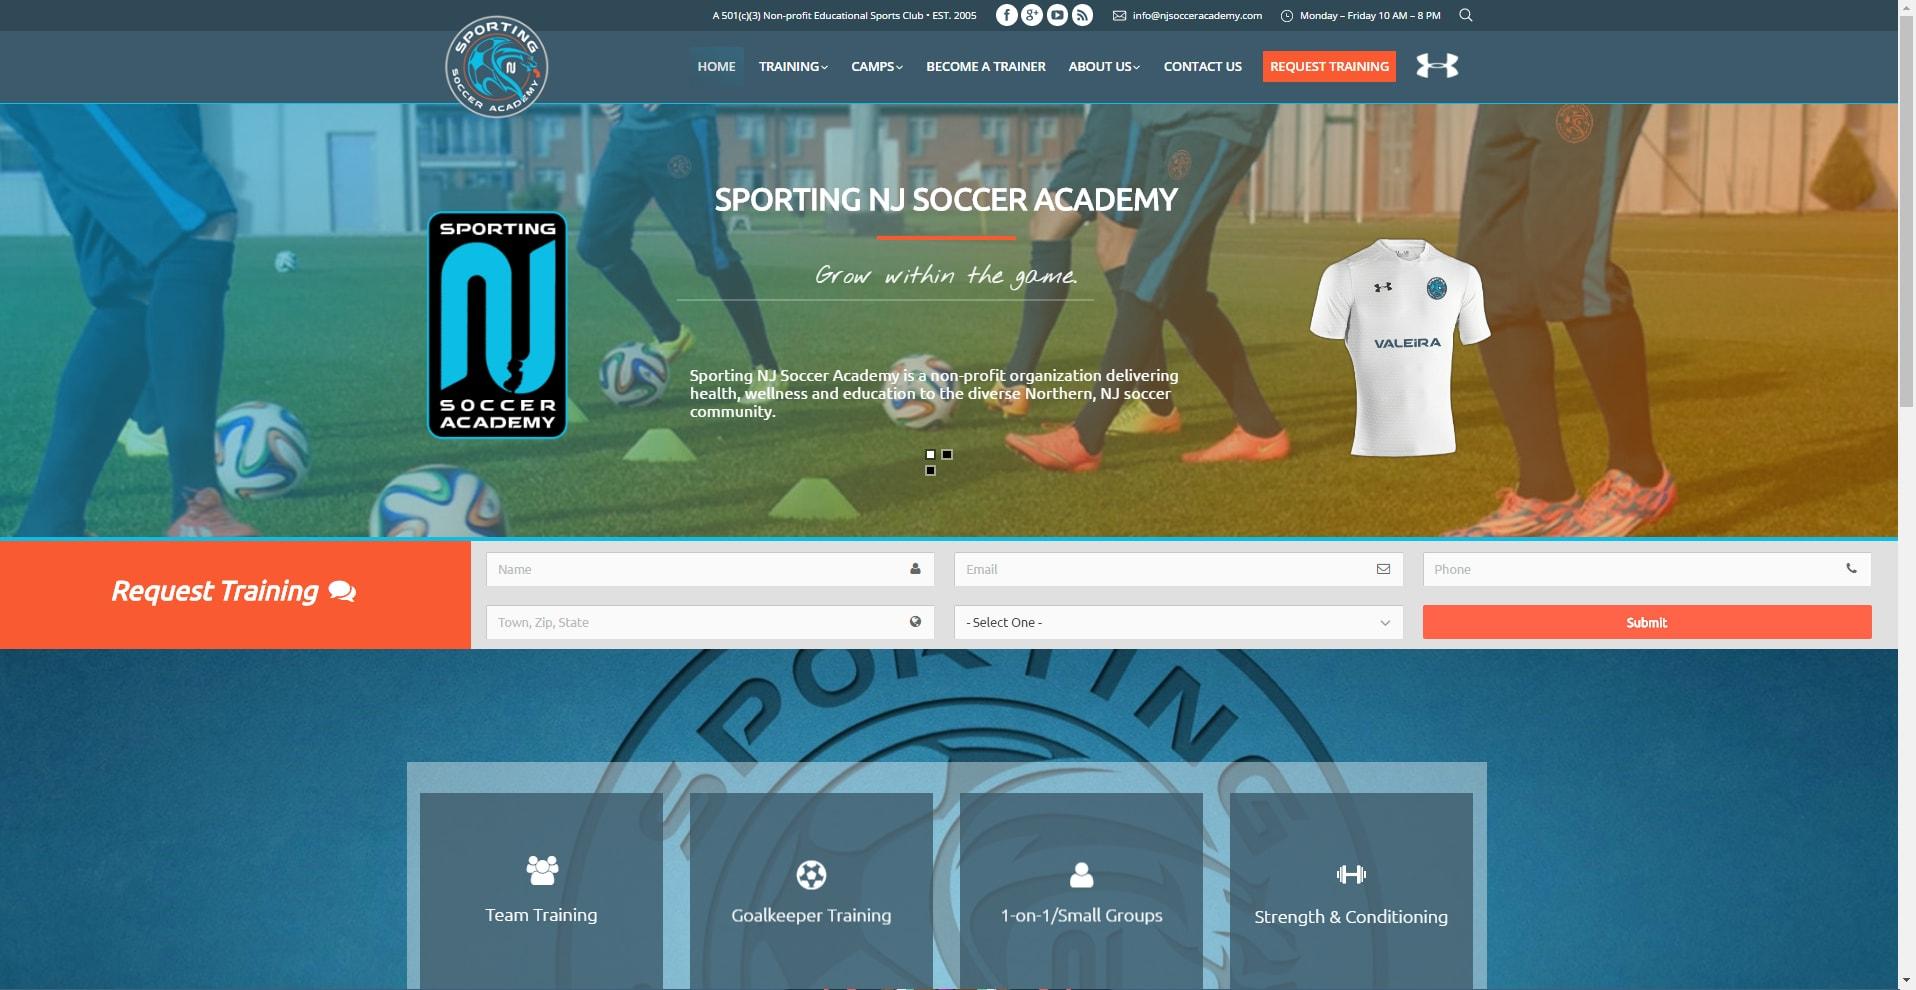 Sporting NJ Soccer